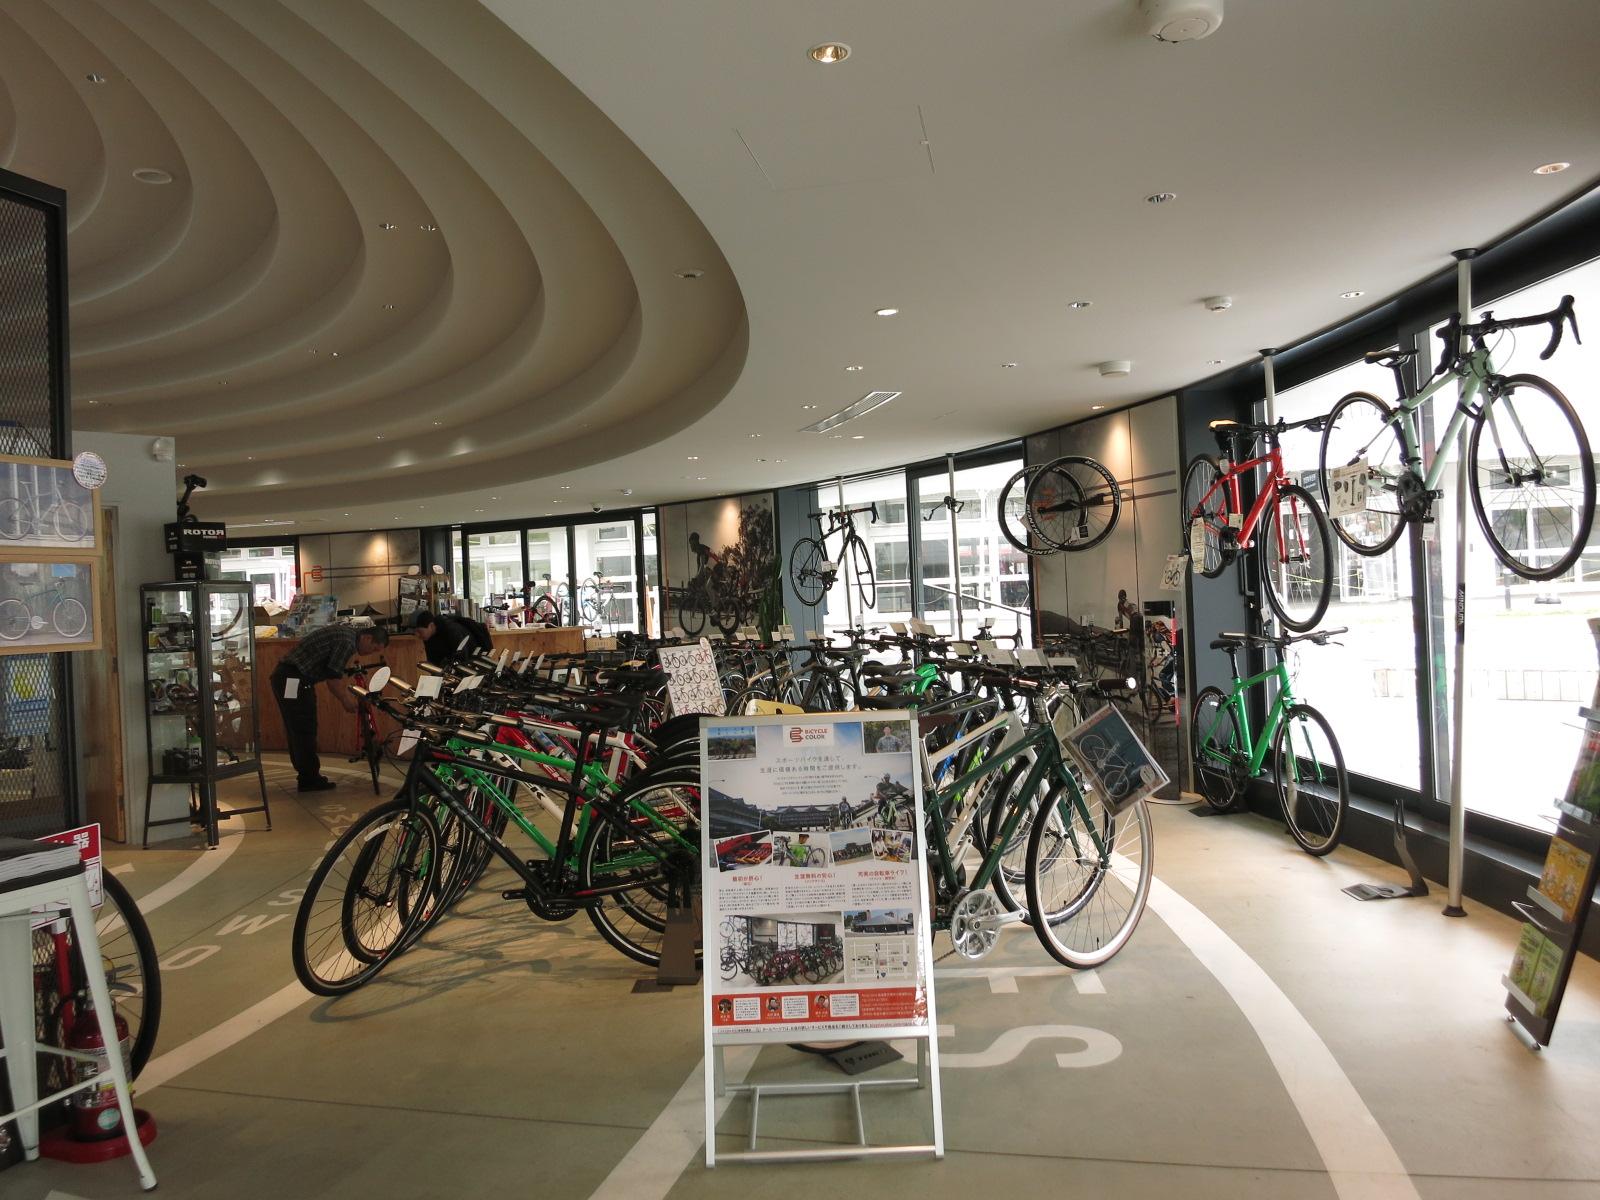 中には、レンタサイクル&バイクショップもありました。ここで自転車をレンタルするのも観光に良さそう。